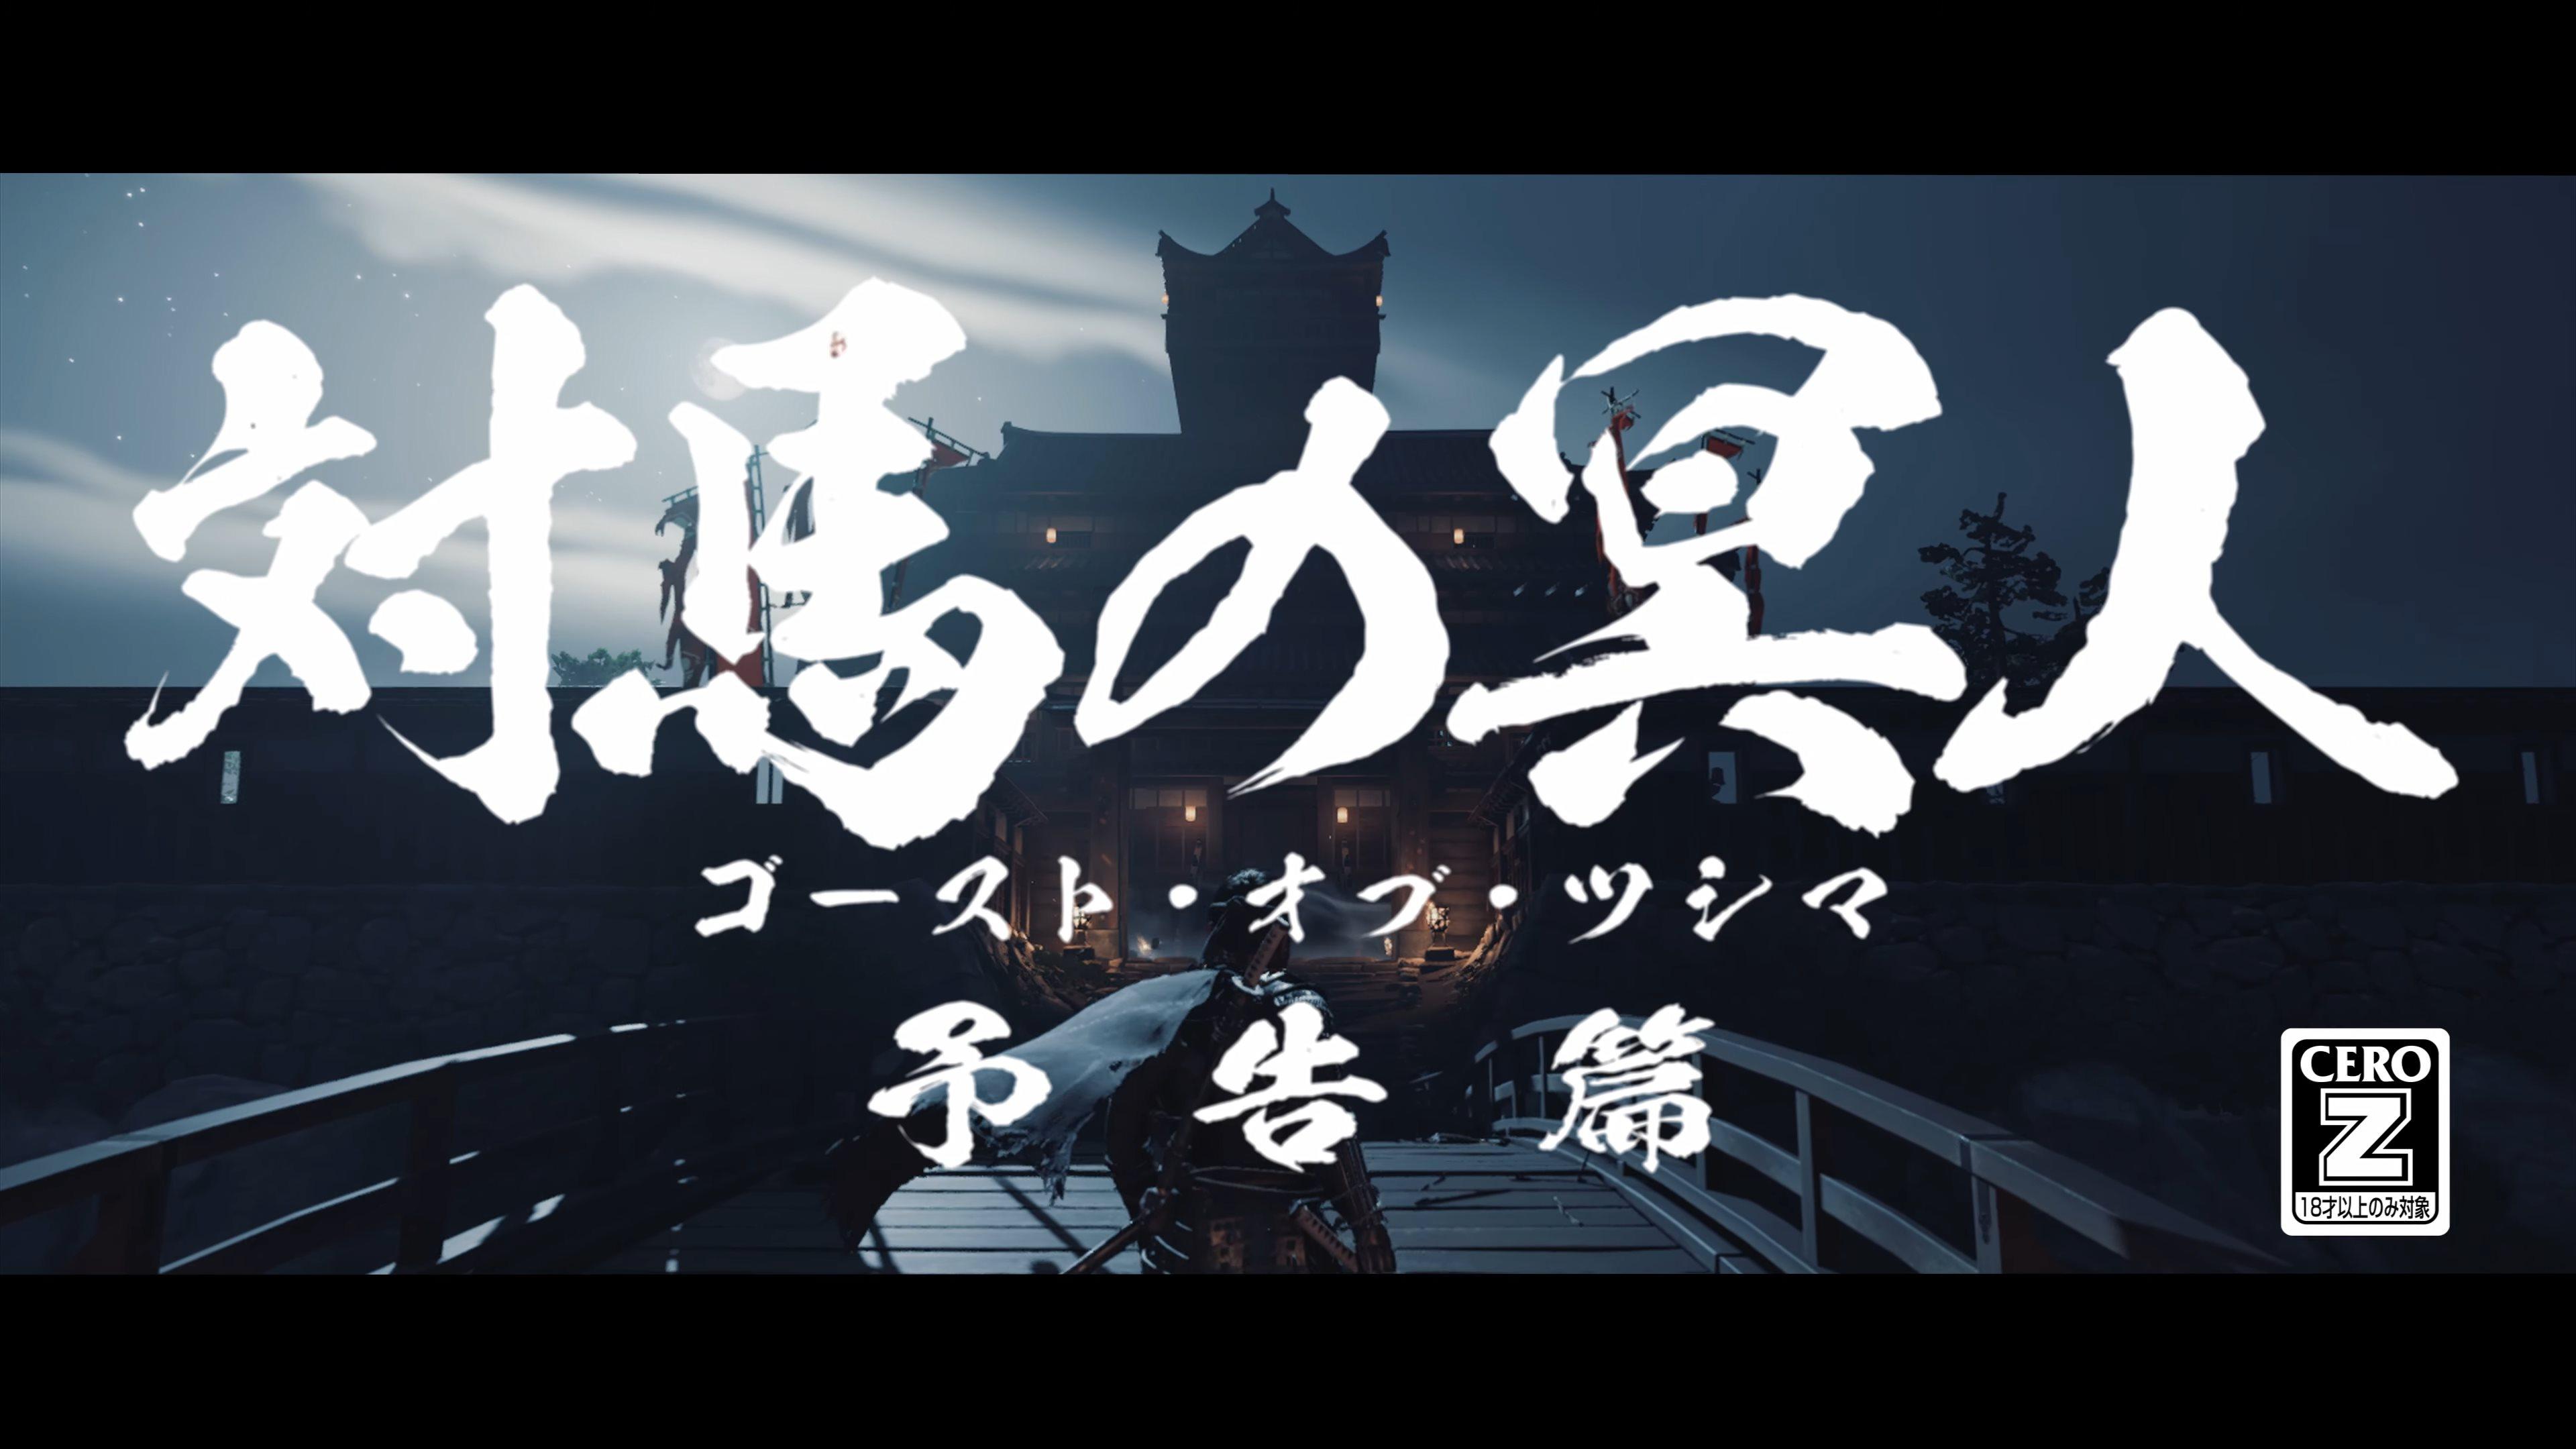 《对马岛之鬼》时代剧风格宣传片 展现壮美游戏